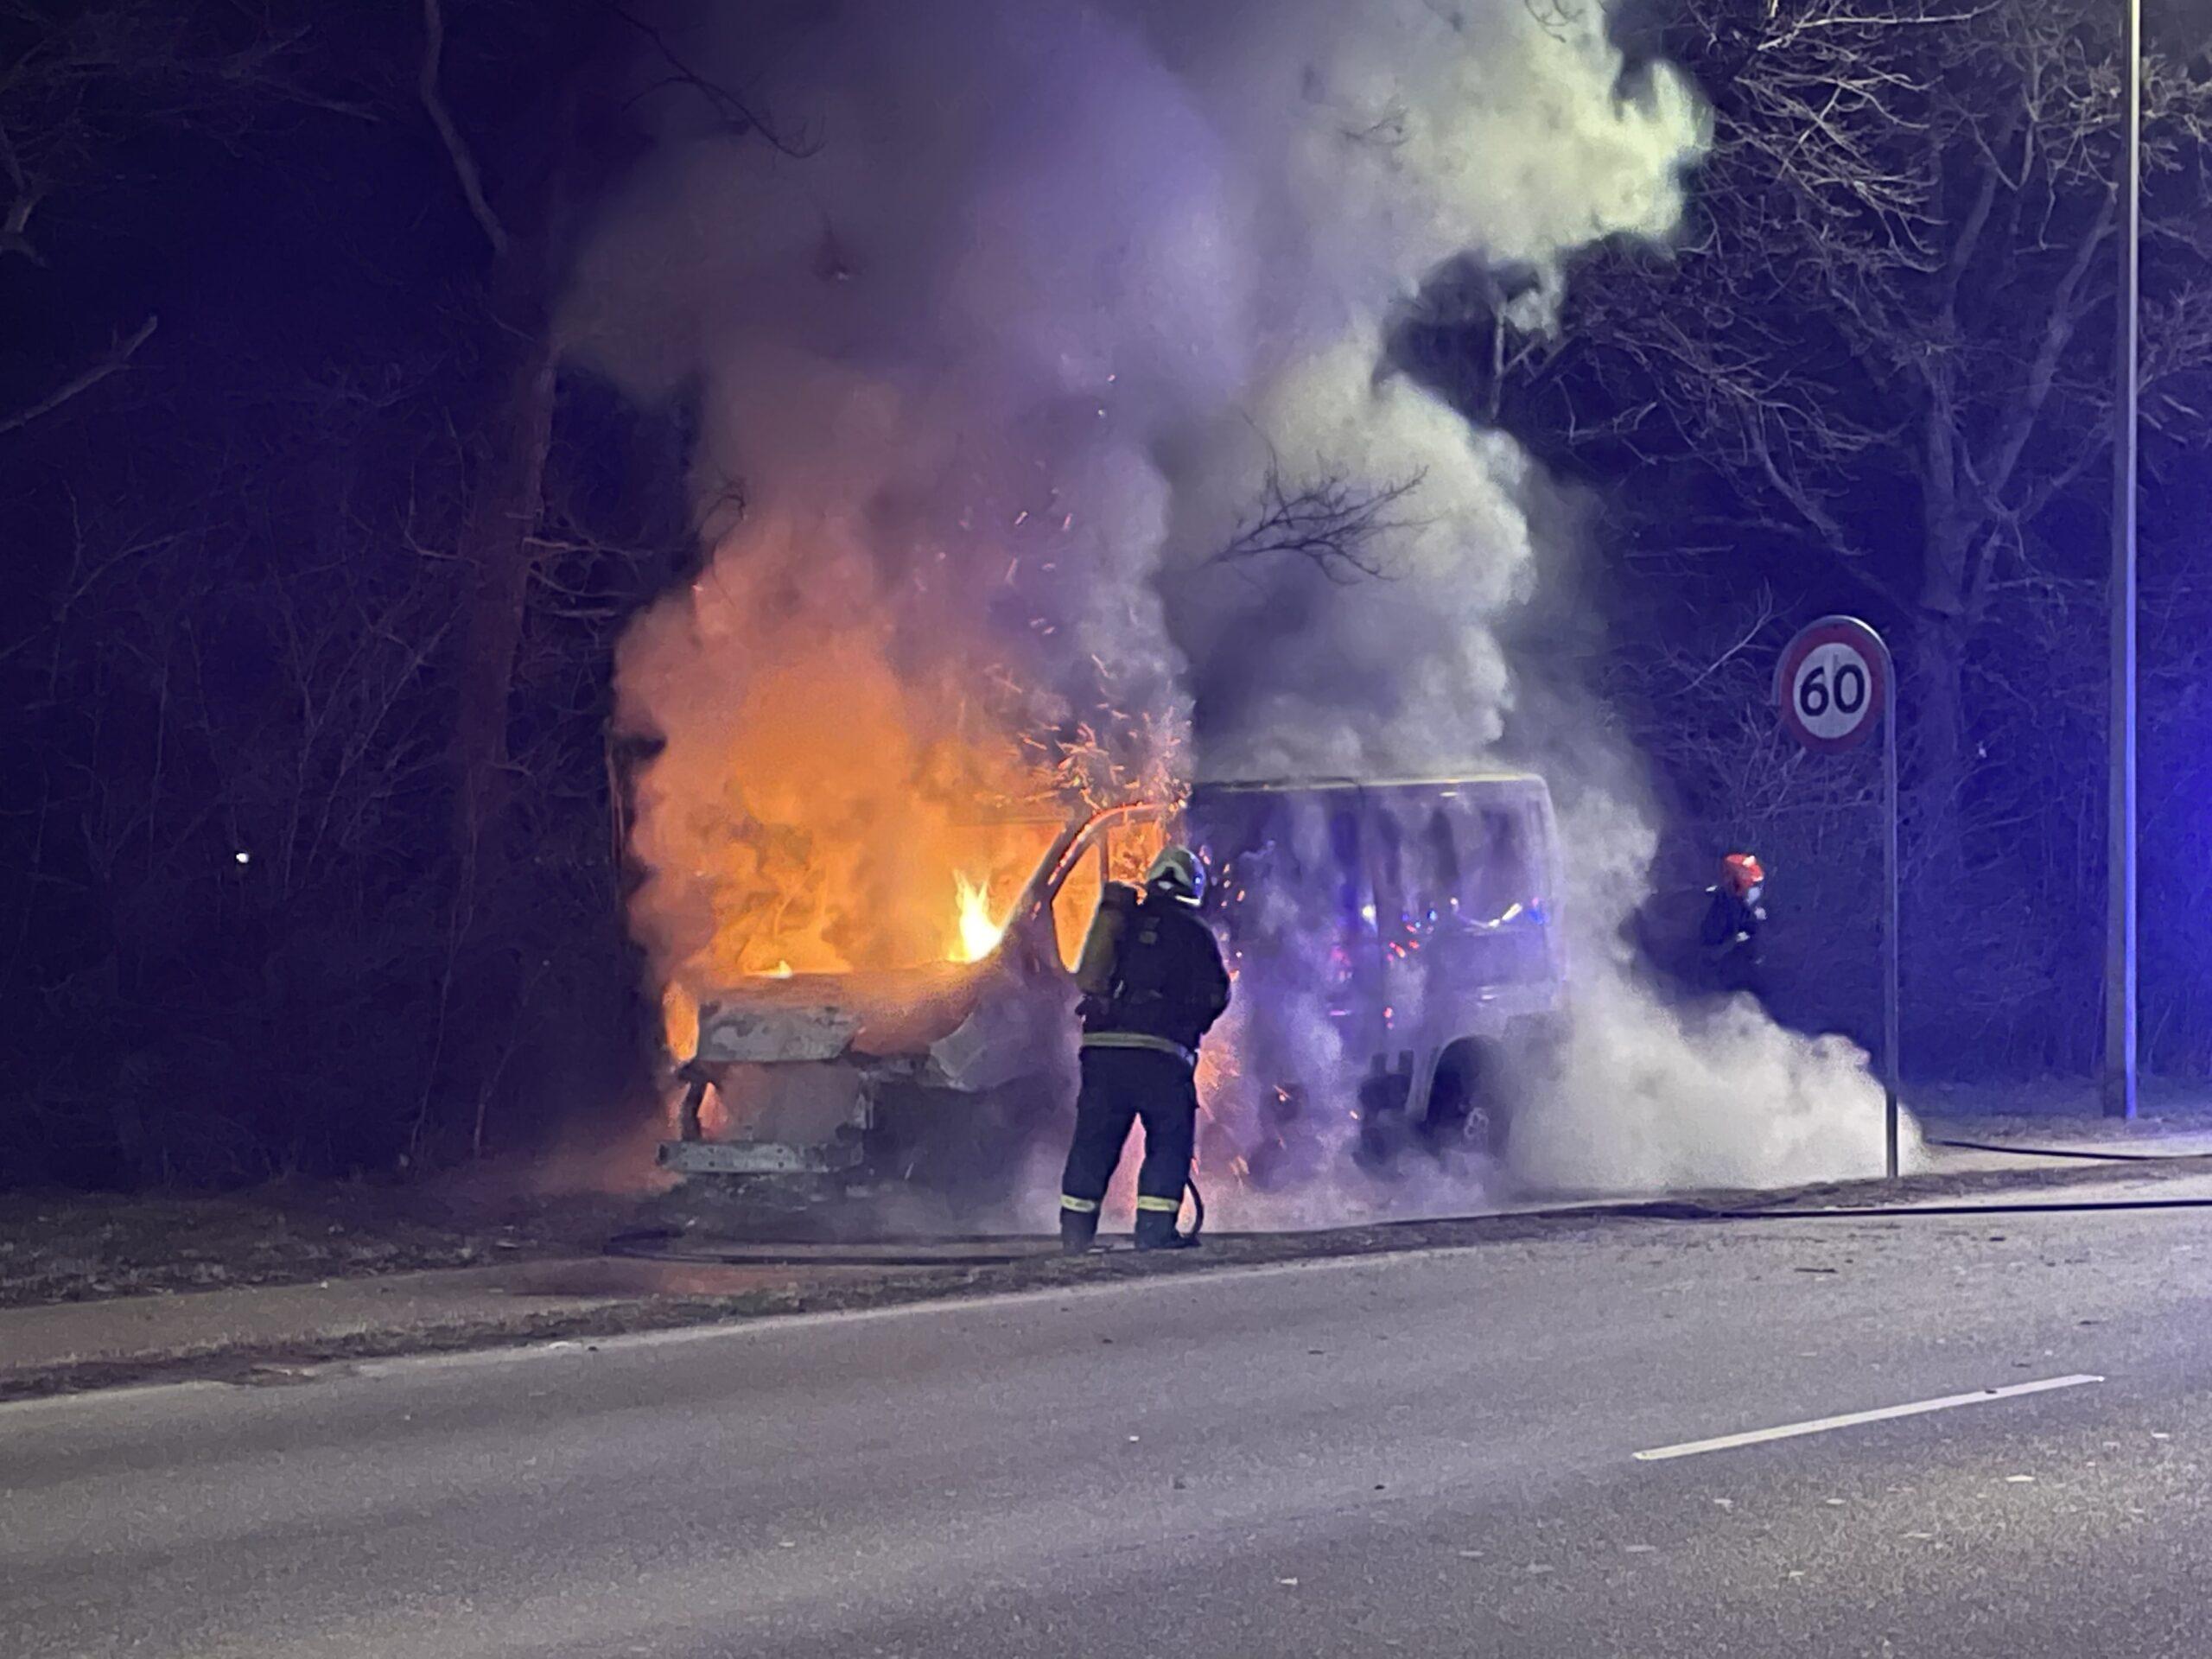 Bilbrand i Slagelse - bil udbrændt